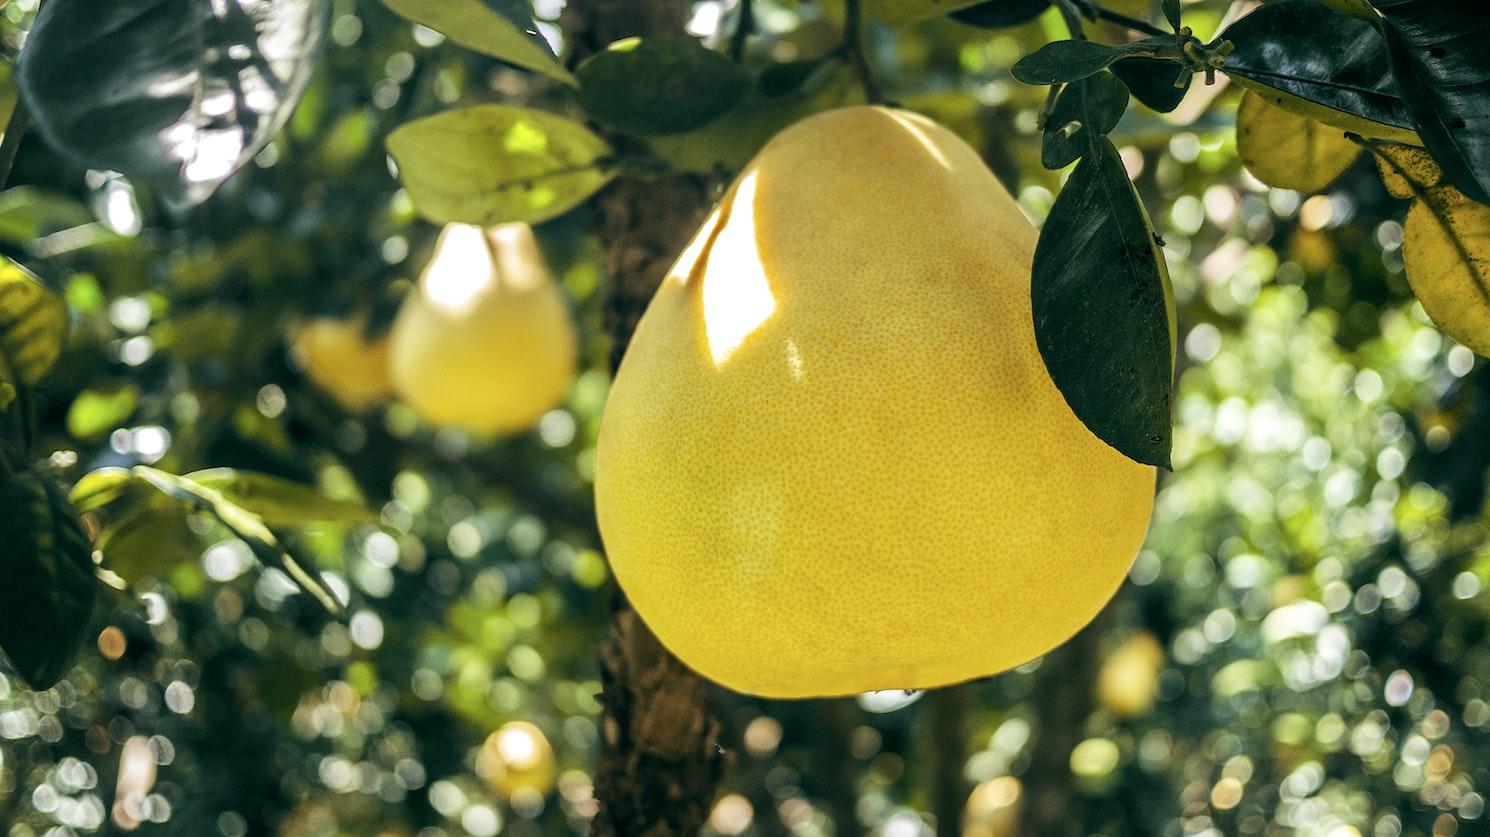 柚子配藥=身體狂竄毒!專家曝「3類水果」別碰:隔開吃也會出事   ETt